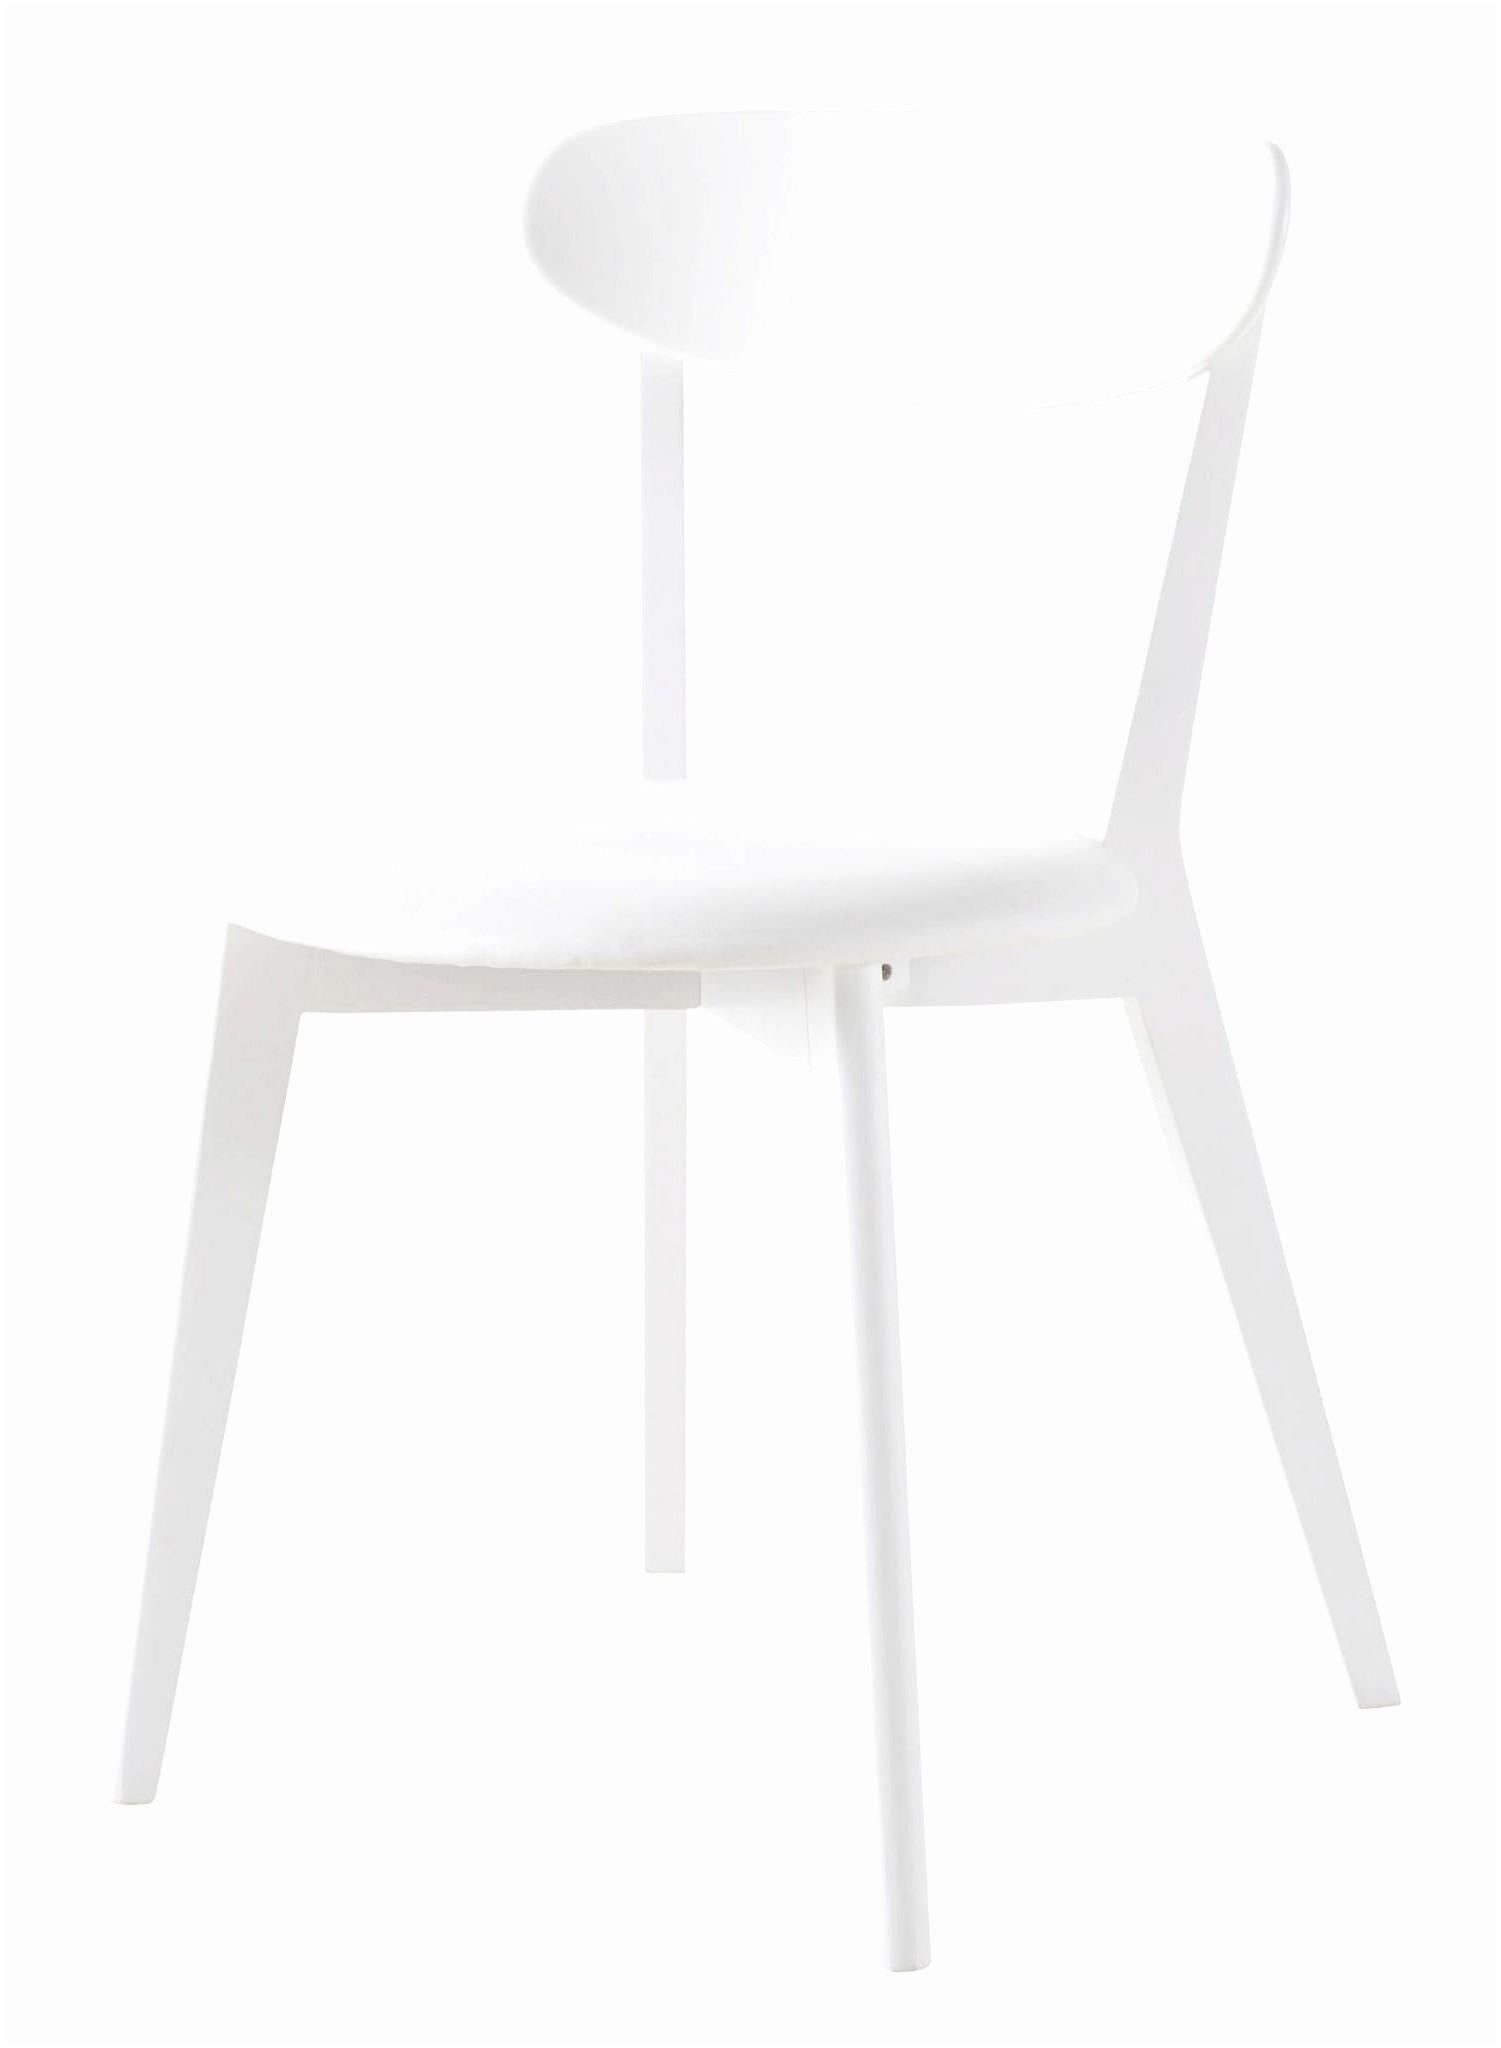 fly fauteuil de bureau chaise enfant iconductorfauteuil i fly fauteuil de bureau chaise enfant i conductor of